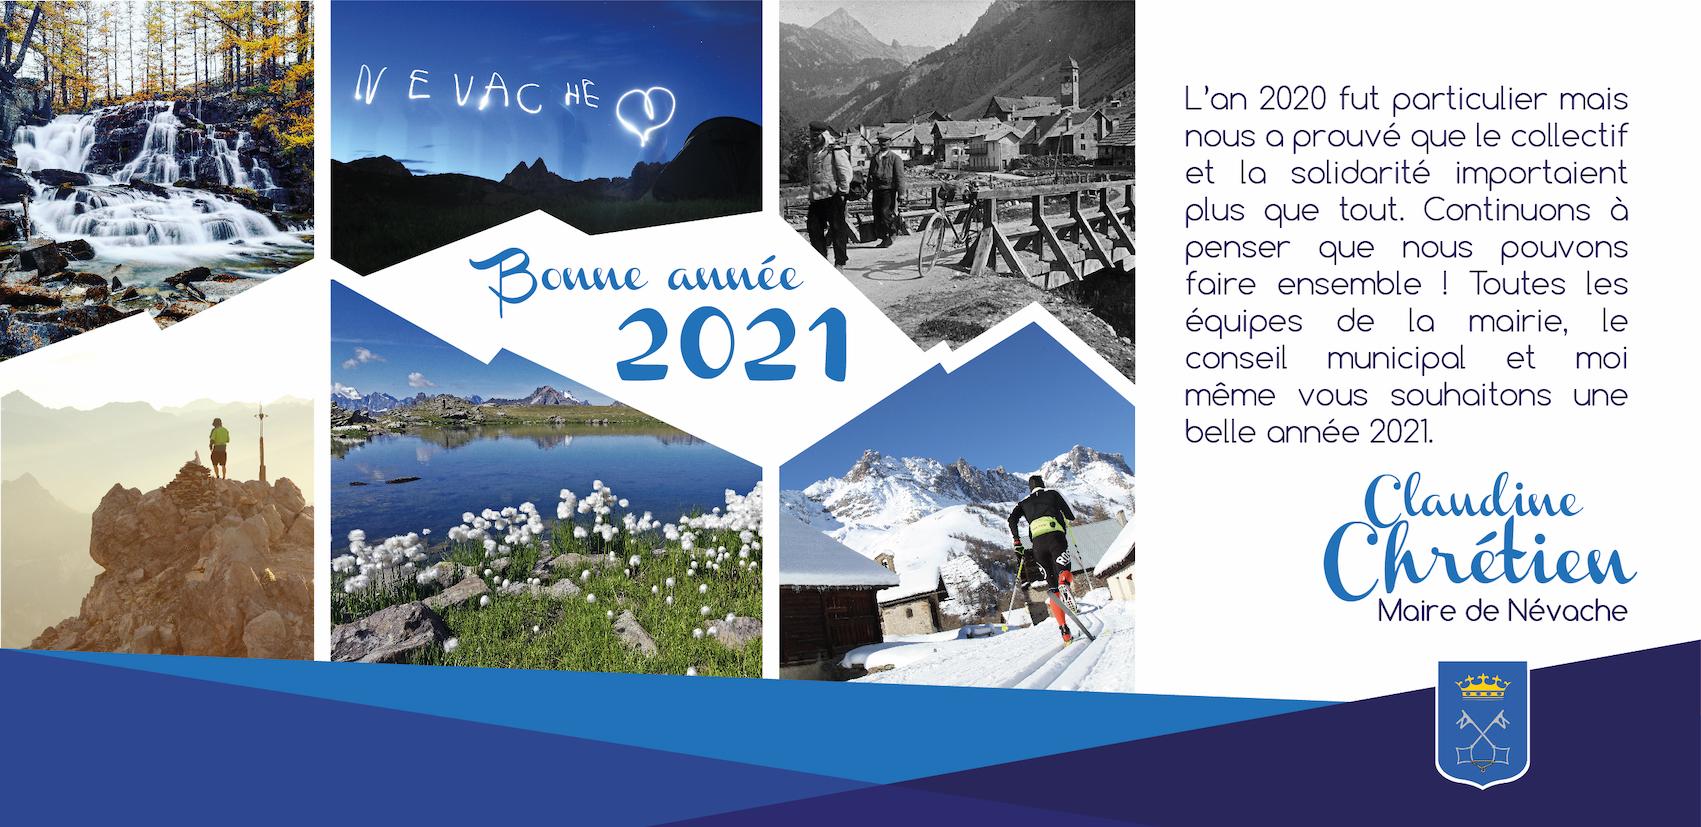 Bonne année 2021 à Névache.